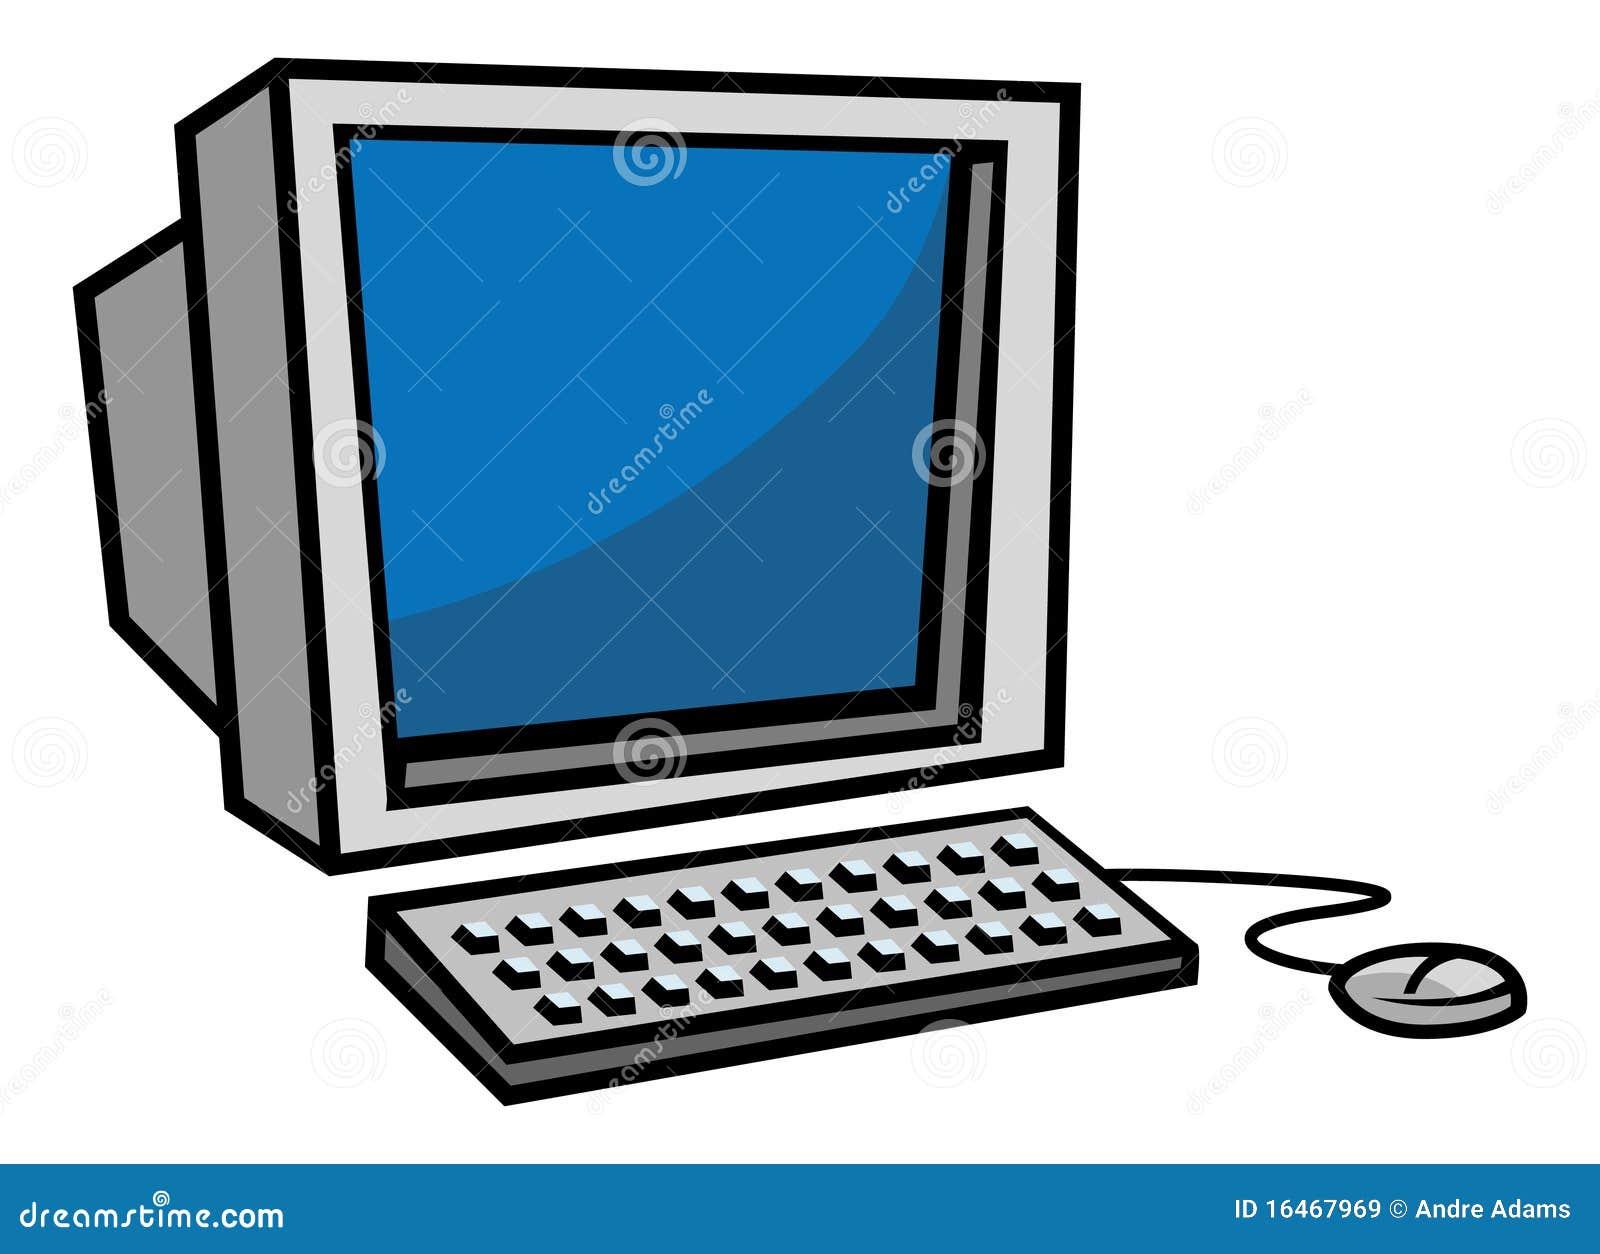 Desk For 3 Monitors